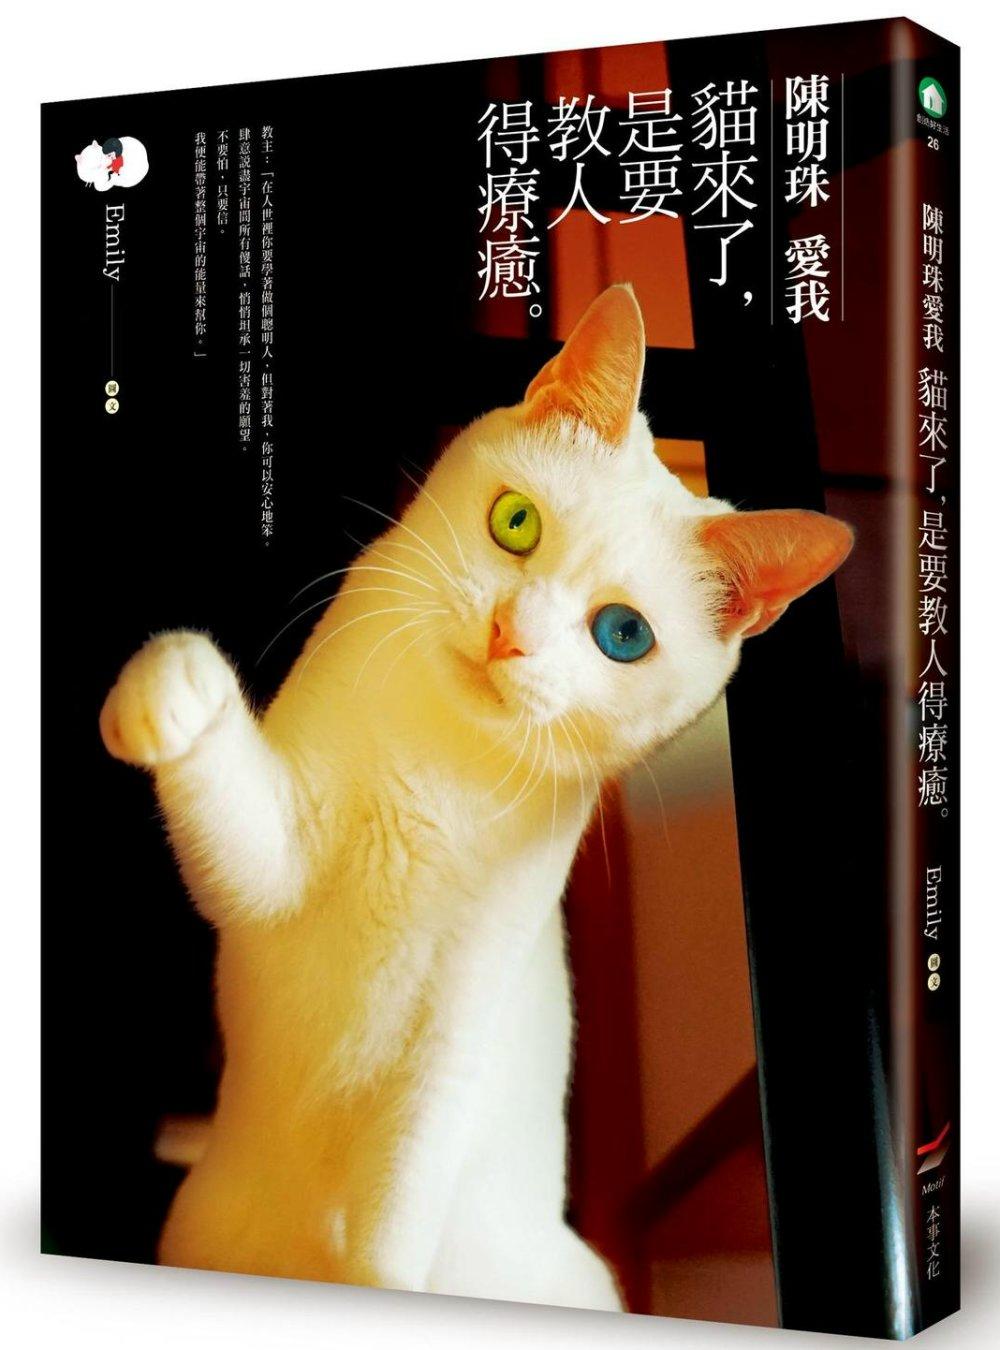 陳明珠愛我:貓來了,是要教人得療癒